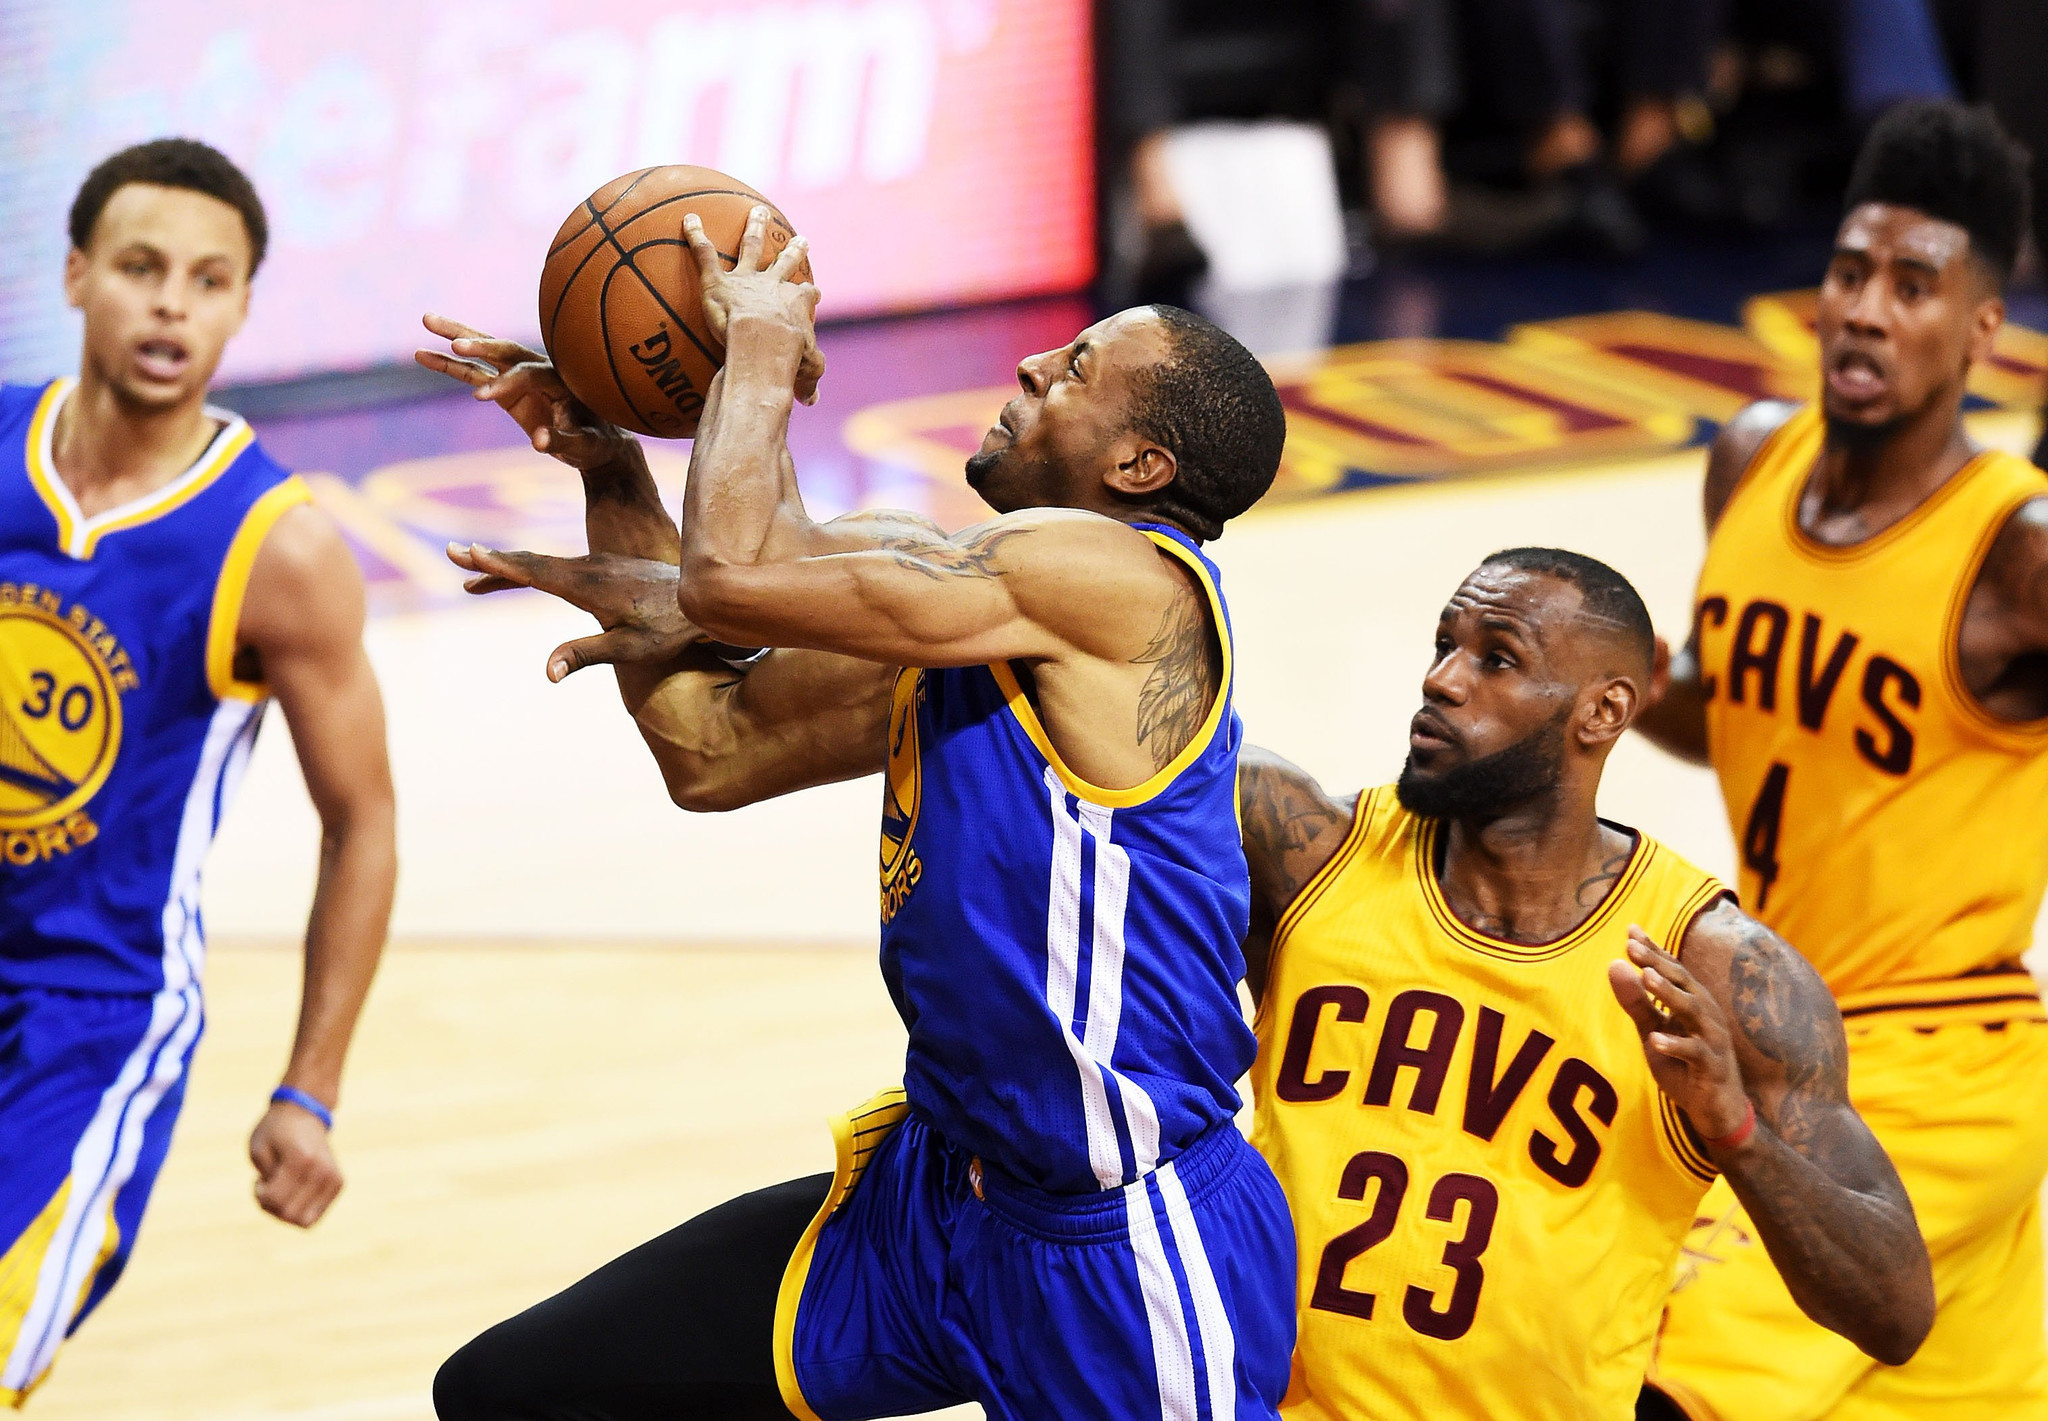 warriors vs cavaliers - photo #27